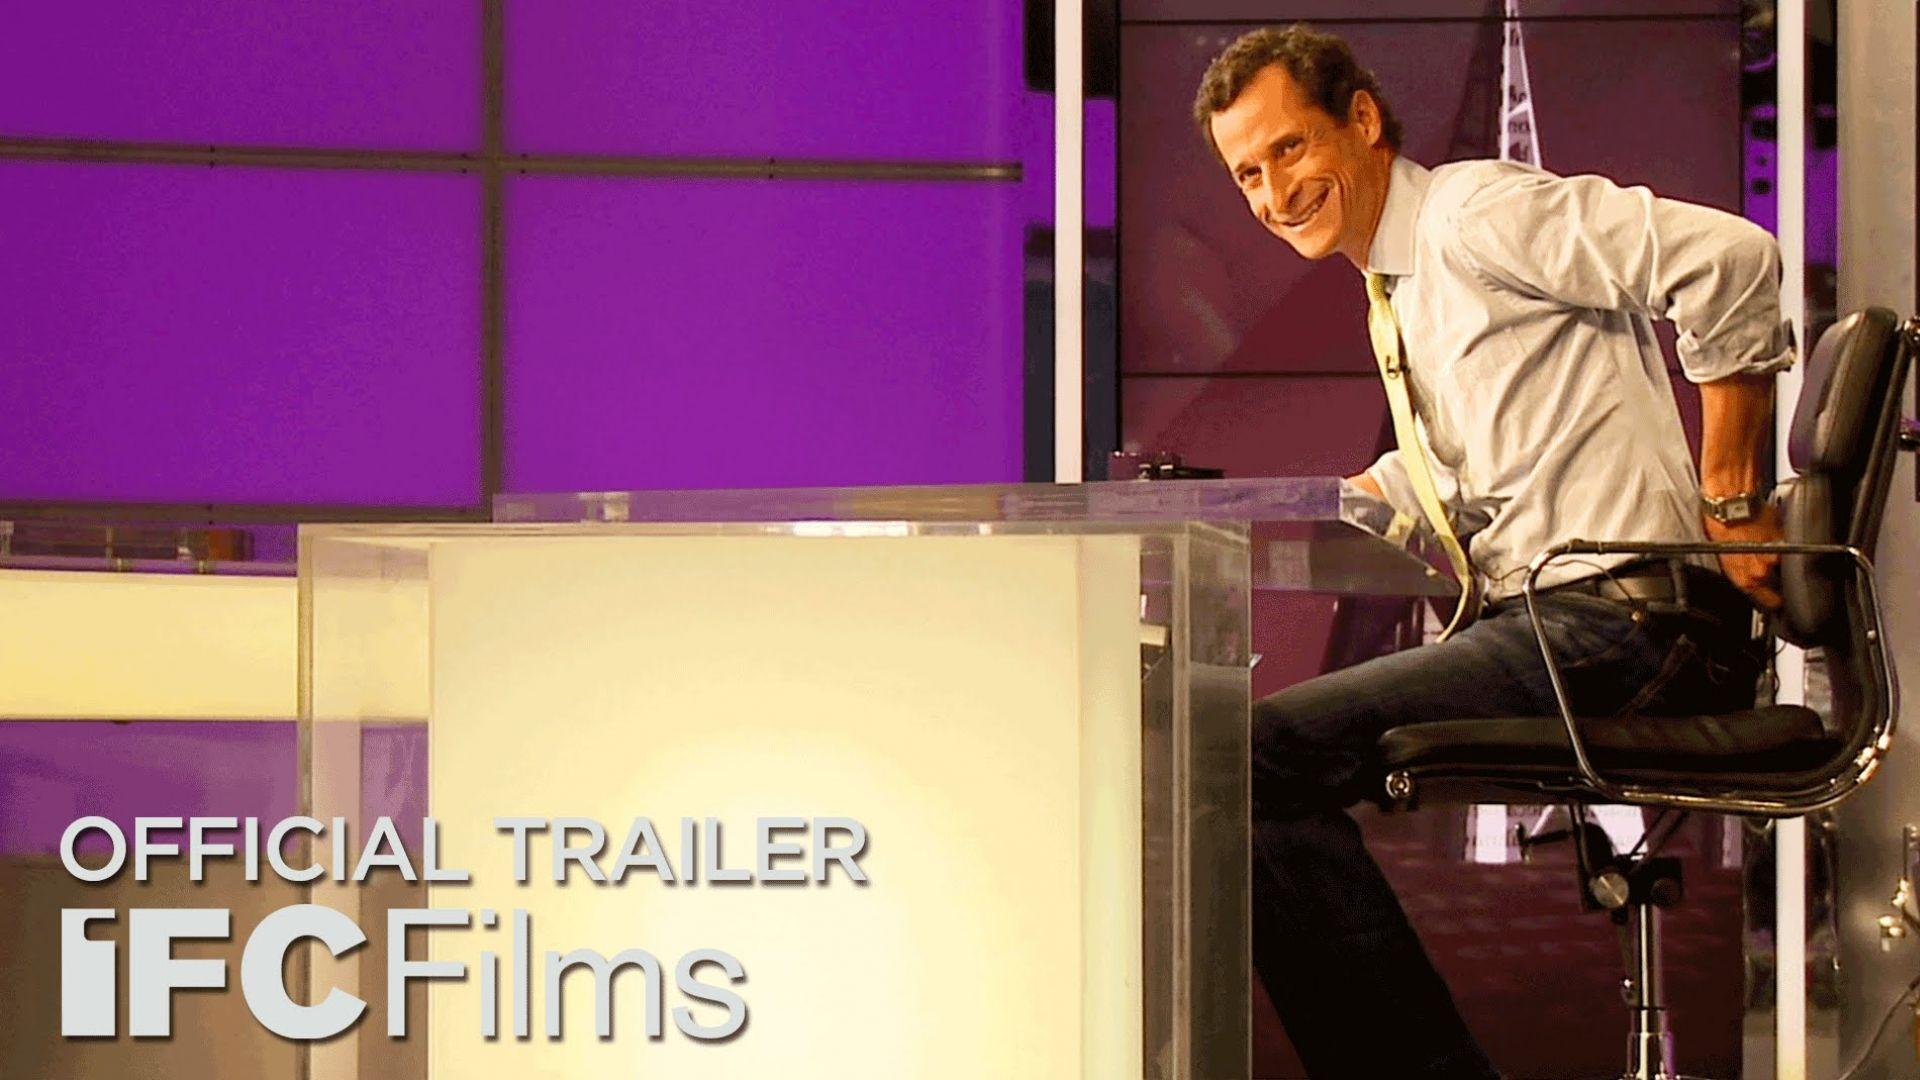 'Weiner' Trailer Explores the Wildest Political Meltdown in